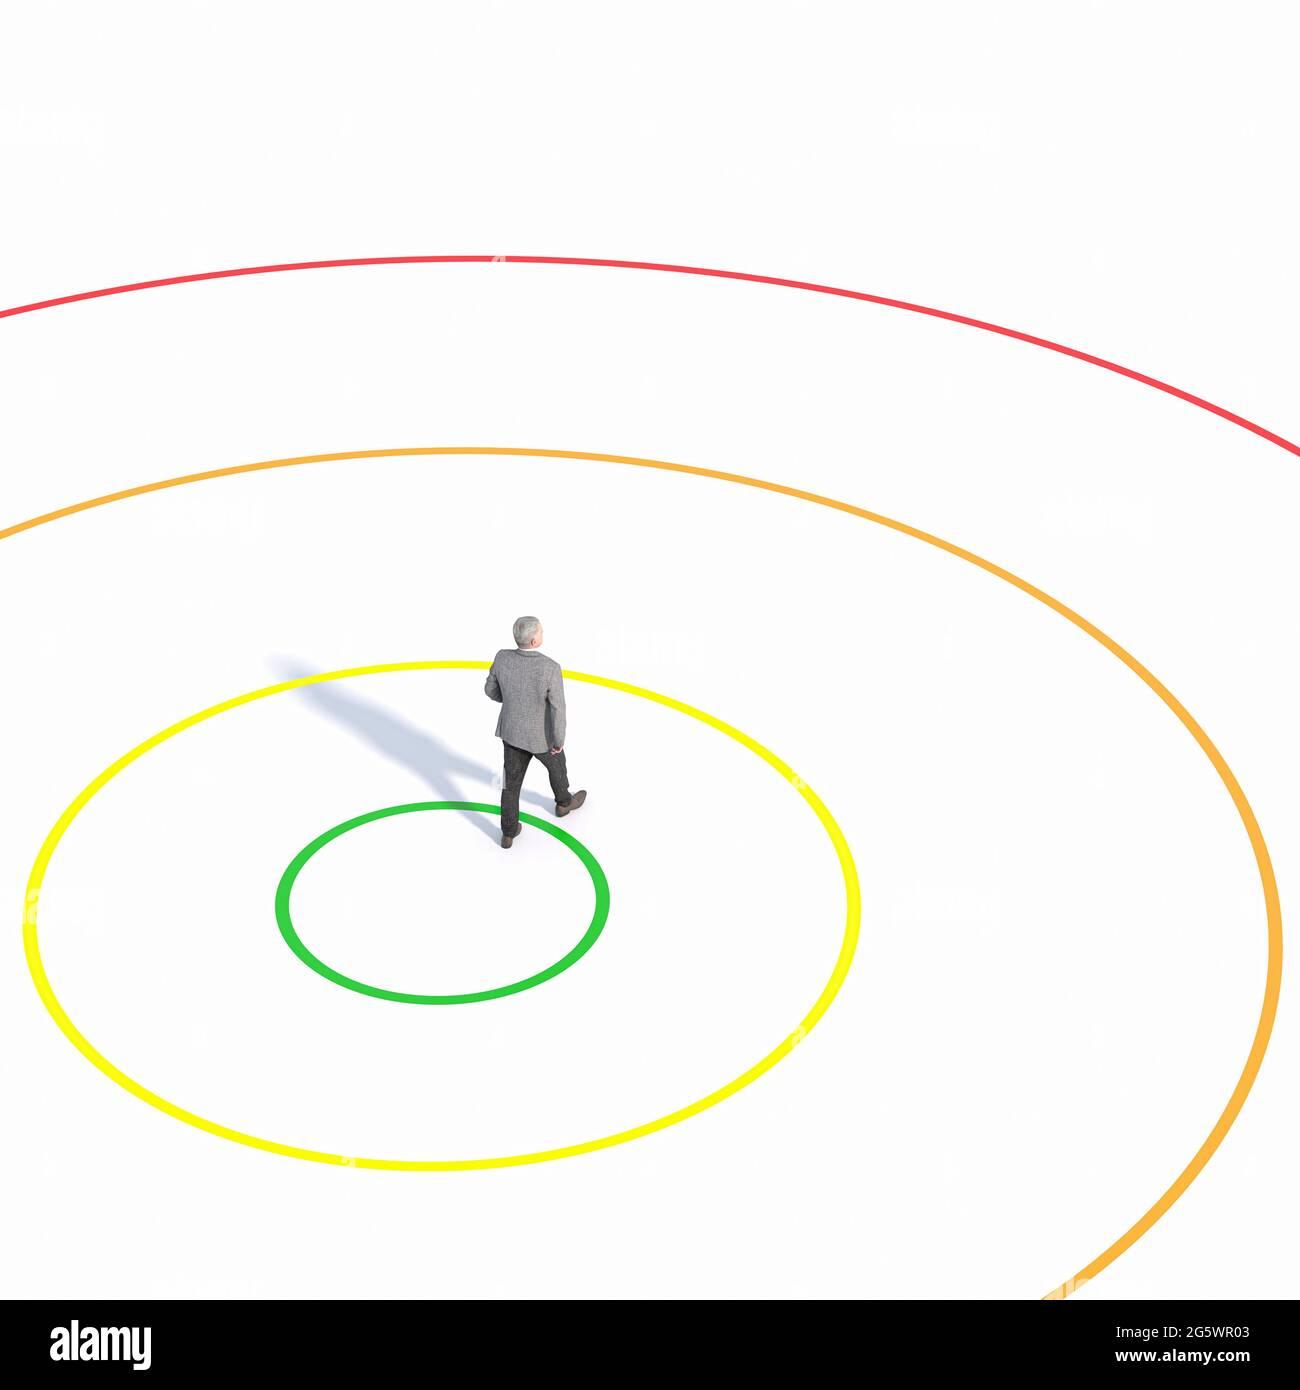 homme d'affaires sort de sa zone de confort. image et modèles de rendu 3d. Banque D'Images